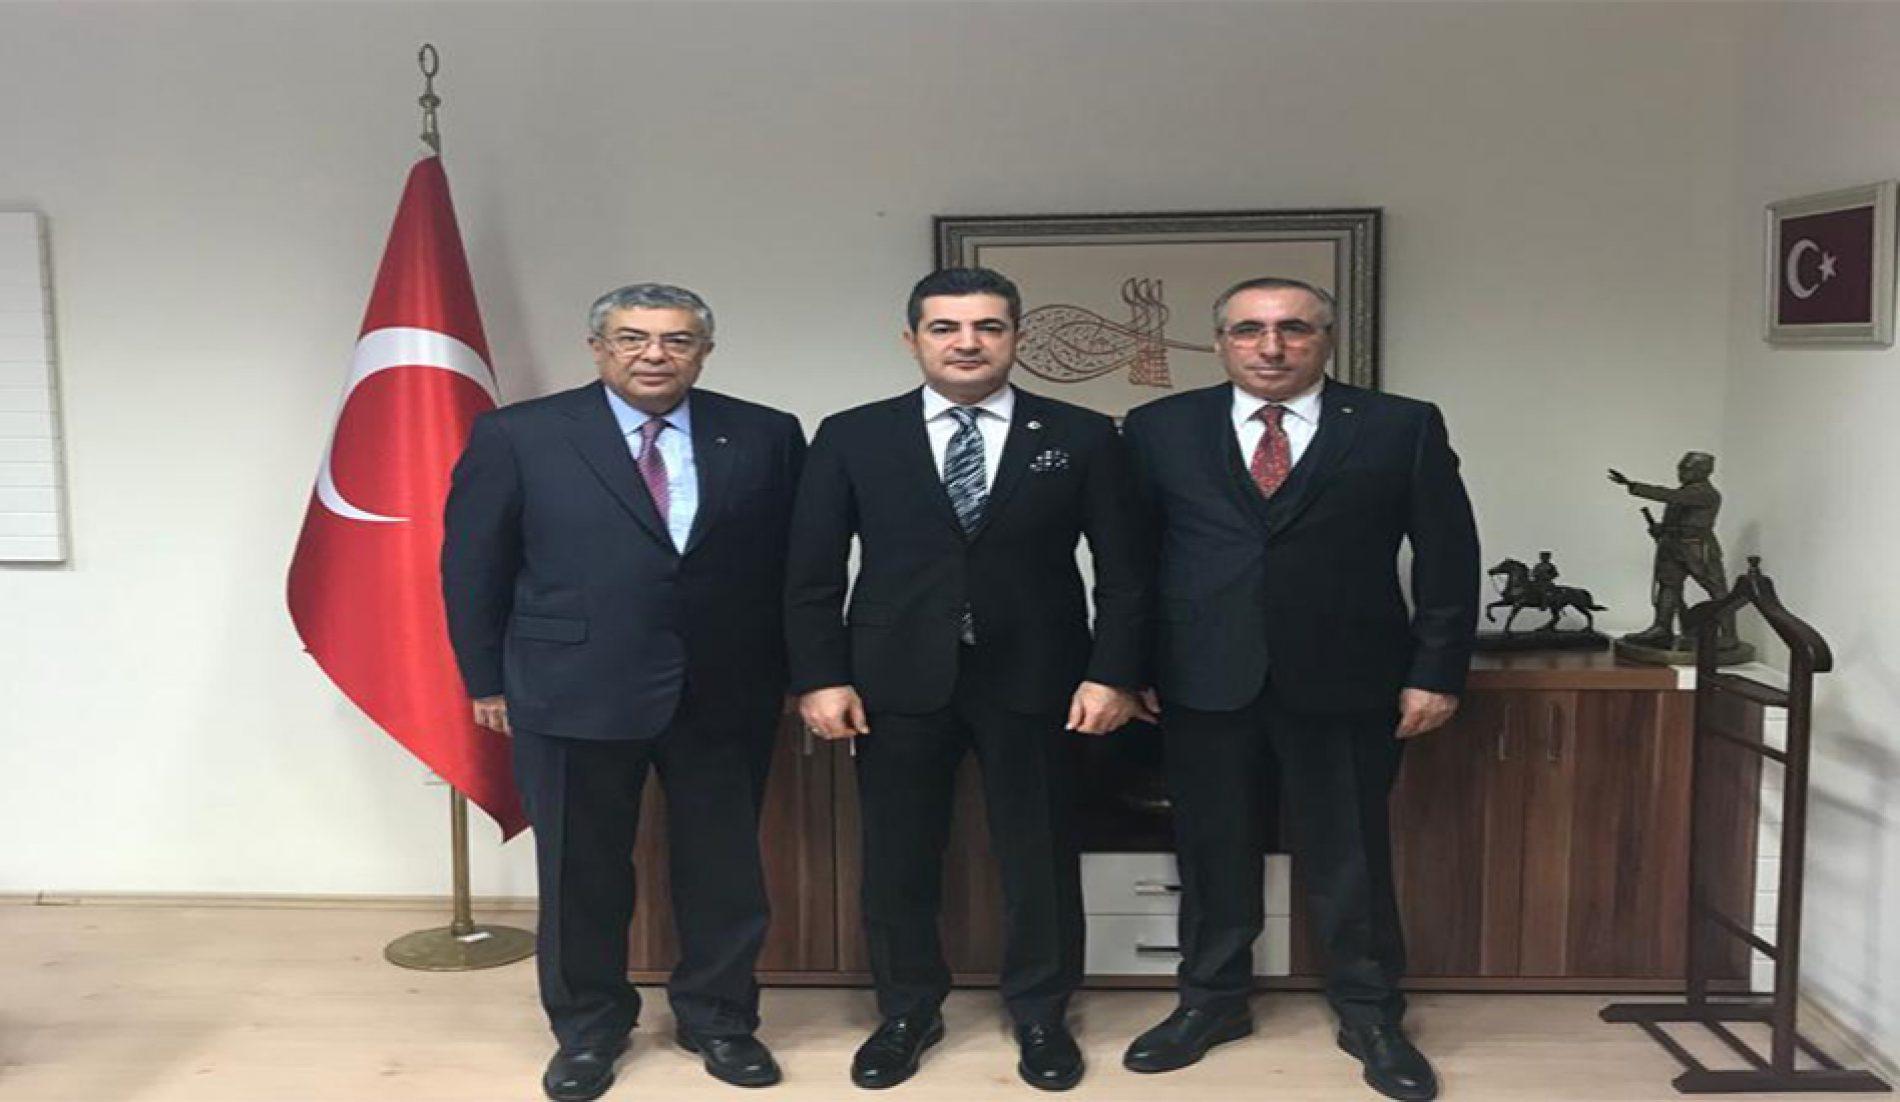 Başkanımız Yahya TOPLU ve Başkan Yardımcımız Ali ŞEREN, Ankara Cumhuriyet Başsavcısı Vekilliğine Atanan Polatlı Cumhuriyet Başsavcısı Sn Veysel KAÇMAZ'ı Makamında Ziyaret ettiler…